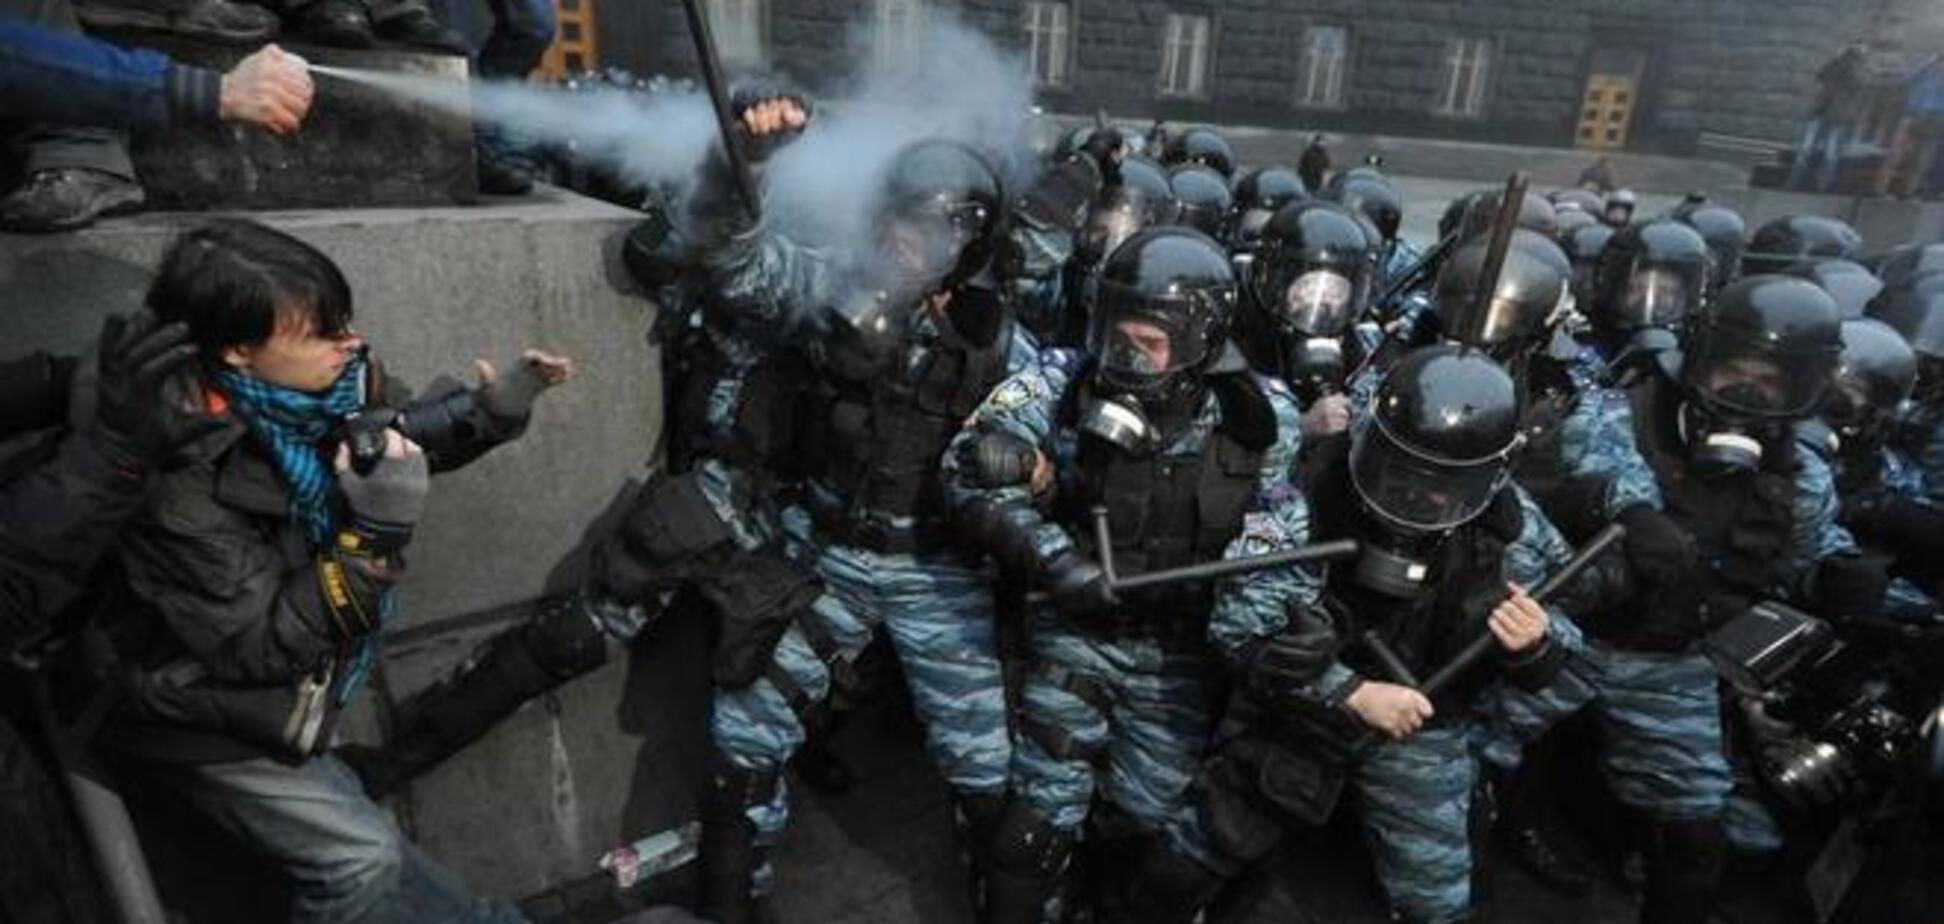 Из дела об убийстве беркутовцев на Майдане пропадают улики – бывшие бойцы